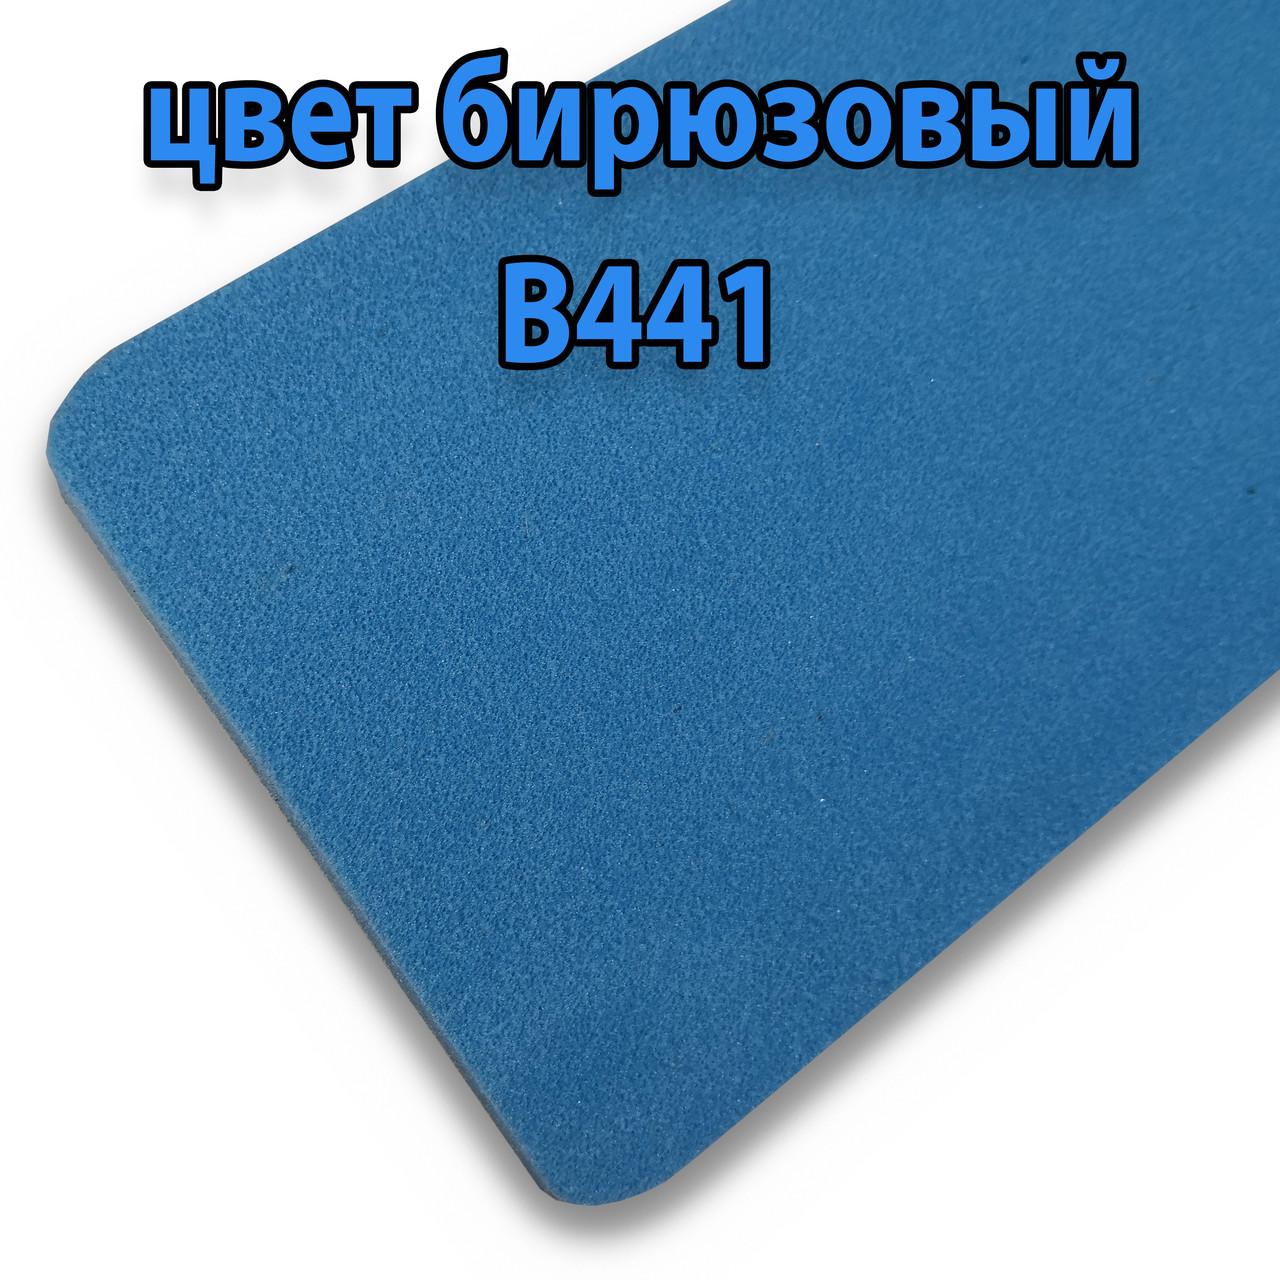 Изолон цветной, 2 мм бирюзовый